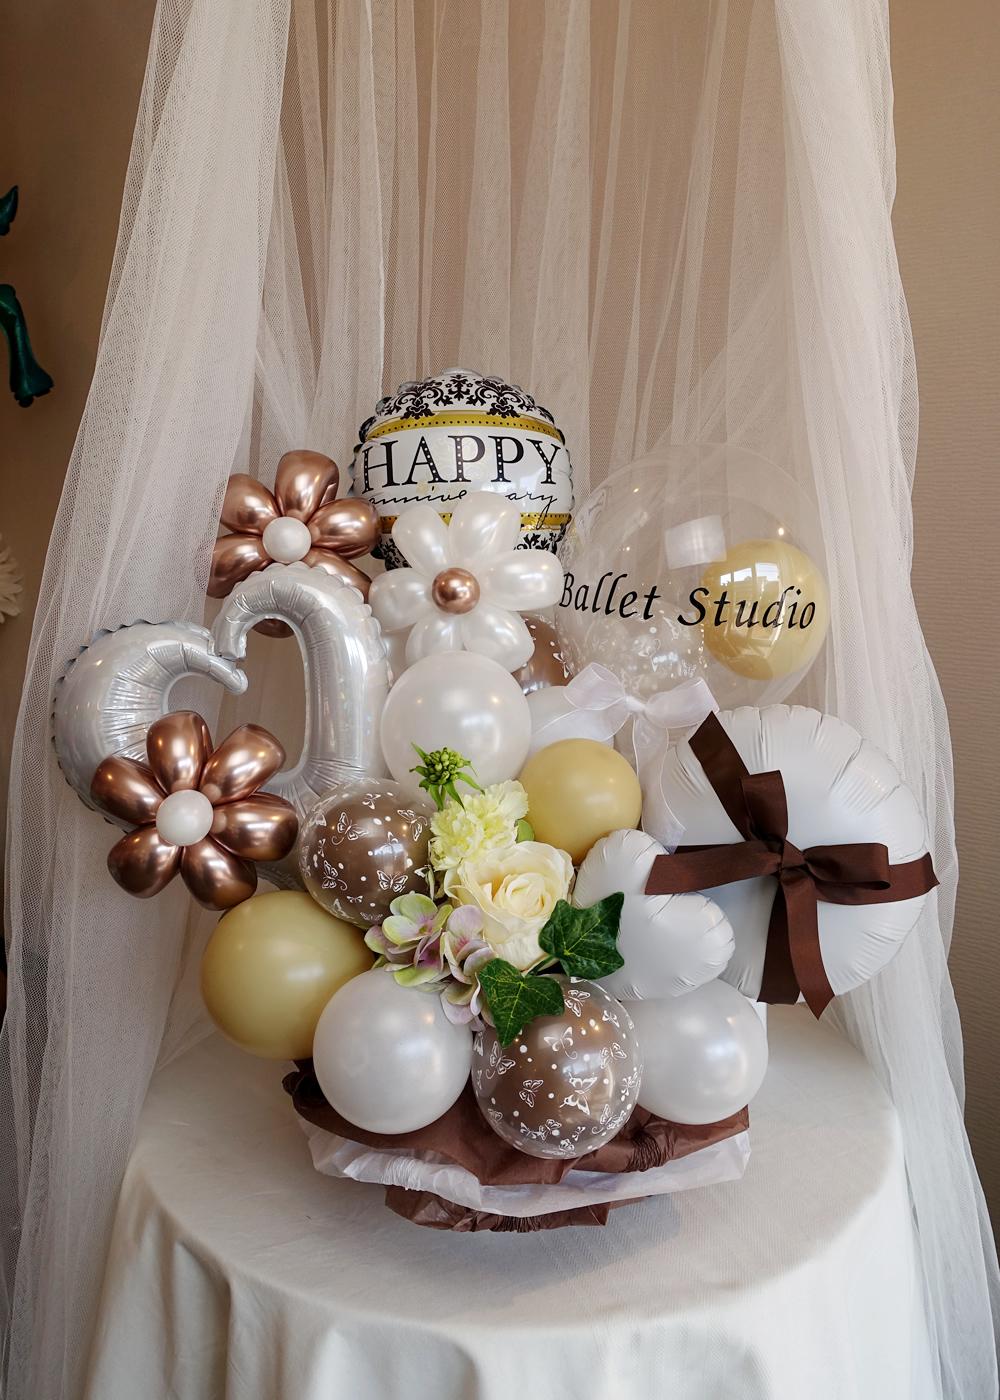 バルーンギフト バルーンアレンジ 文字入れ 誕生日 お祝い プレゼント バルーンアート通販ショップ KOO-DOO